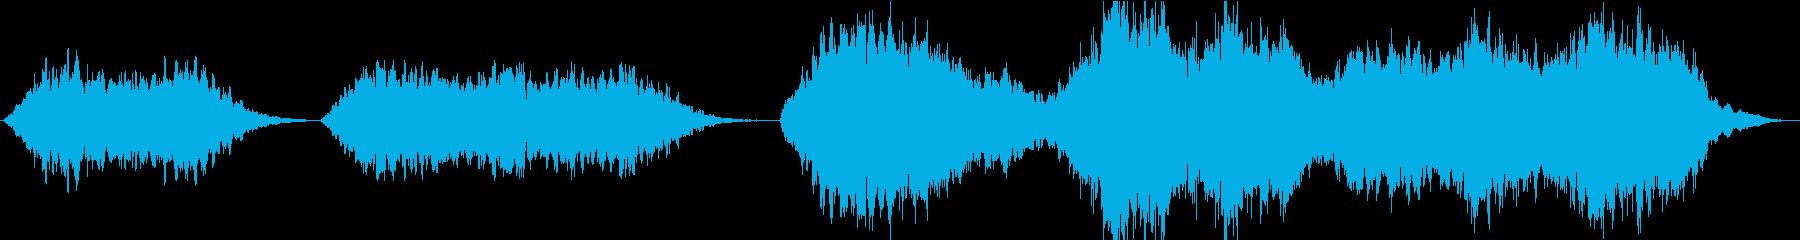 神聖な雰囲気のコーラス(聖歌隊)の再生済みの波形